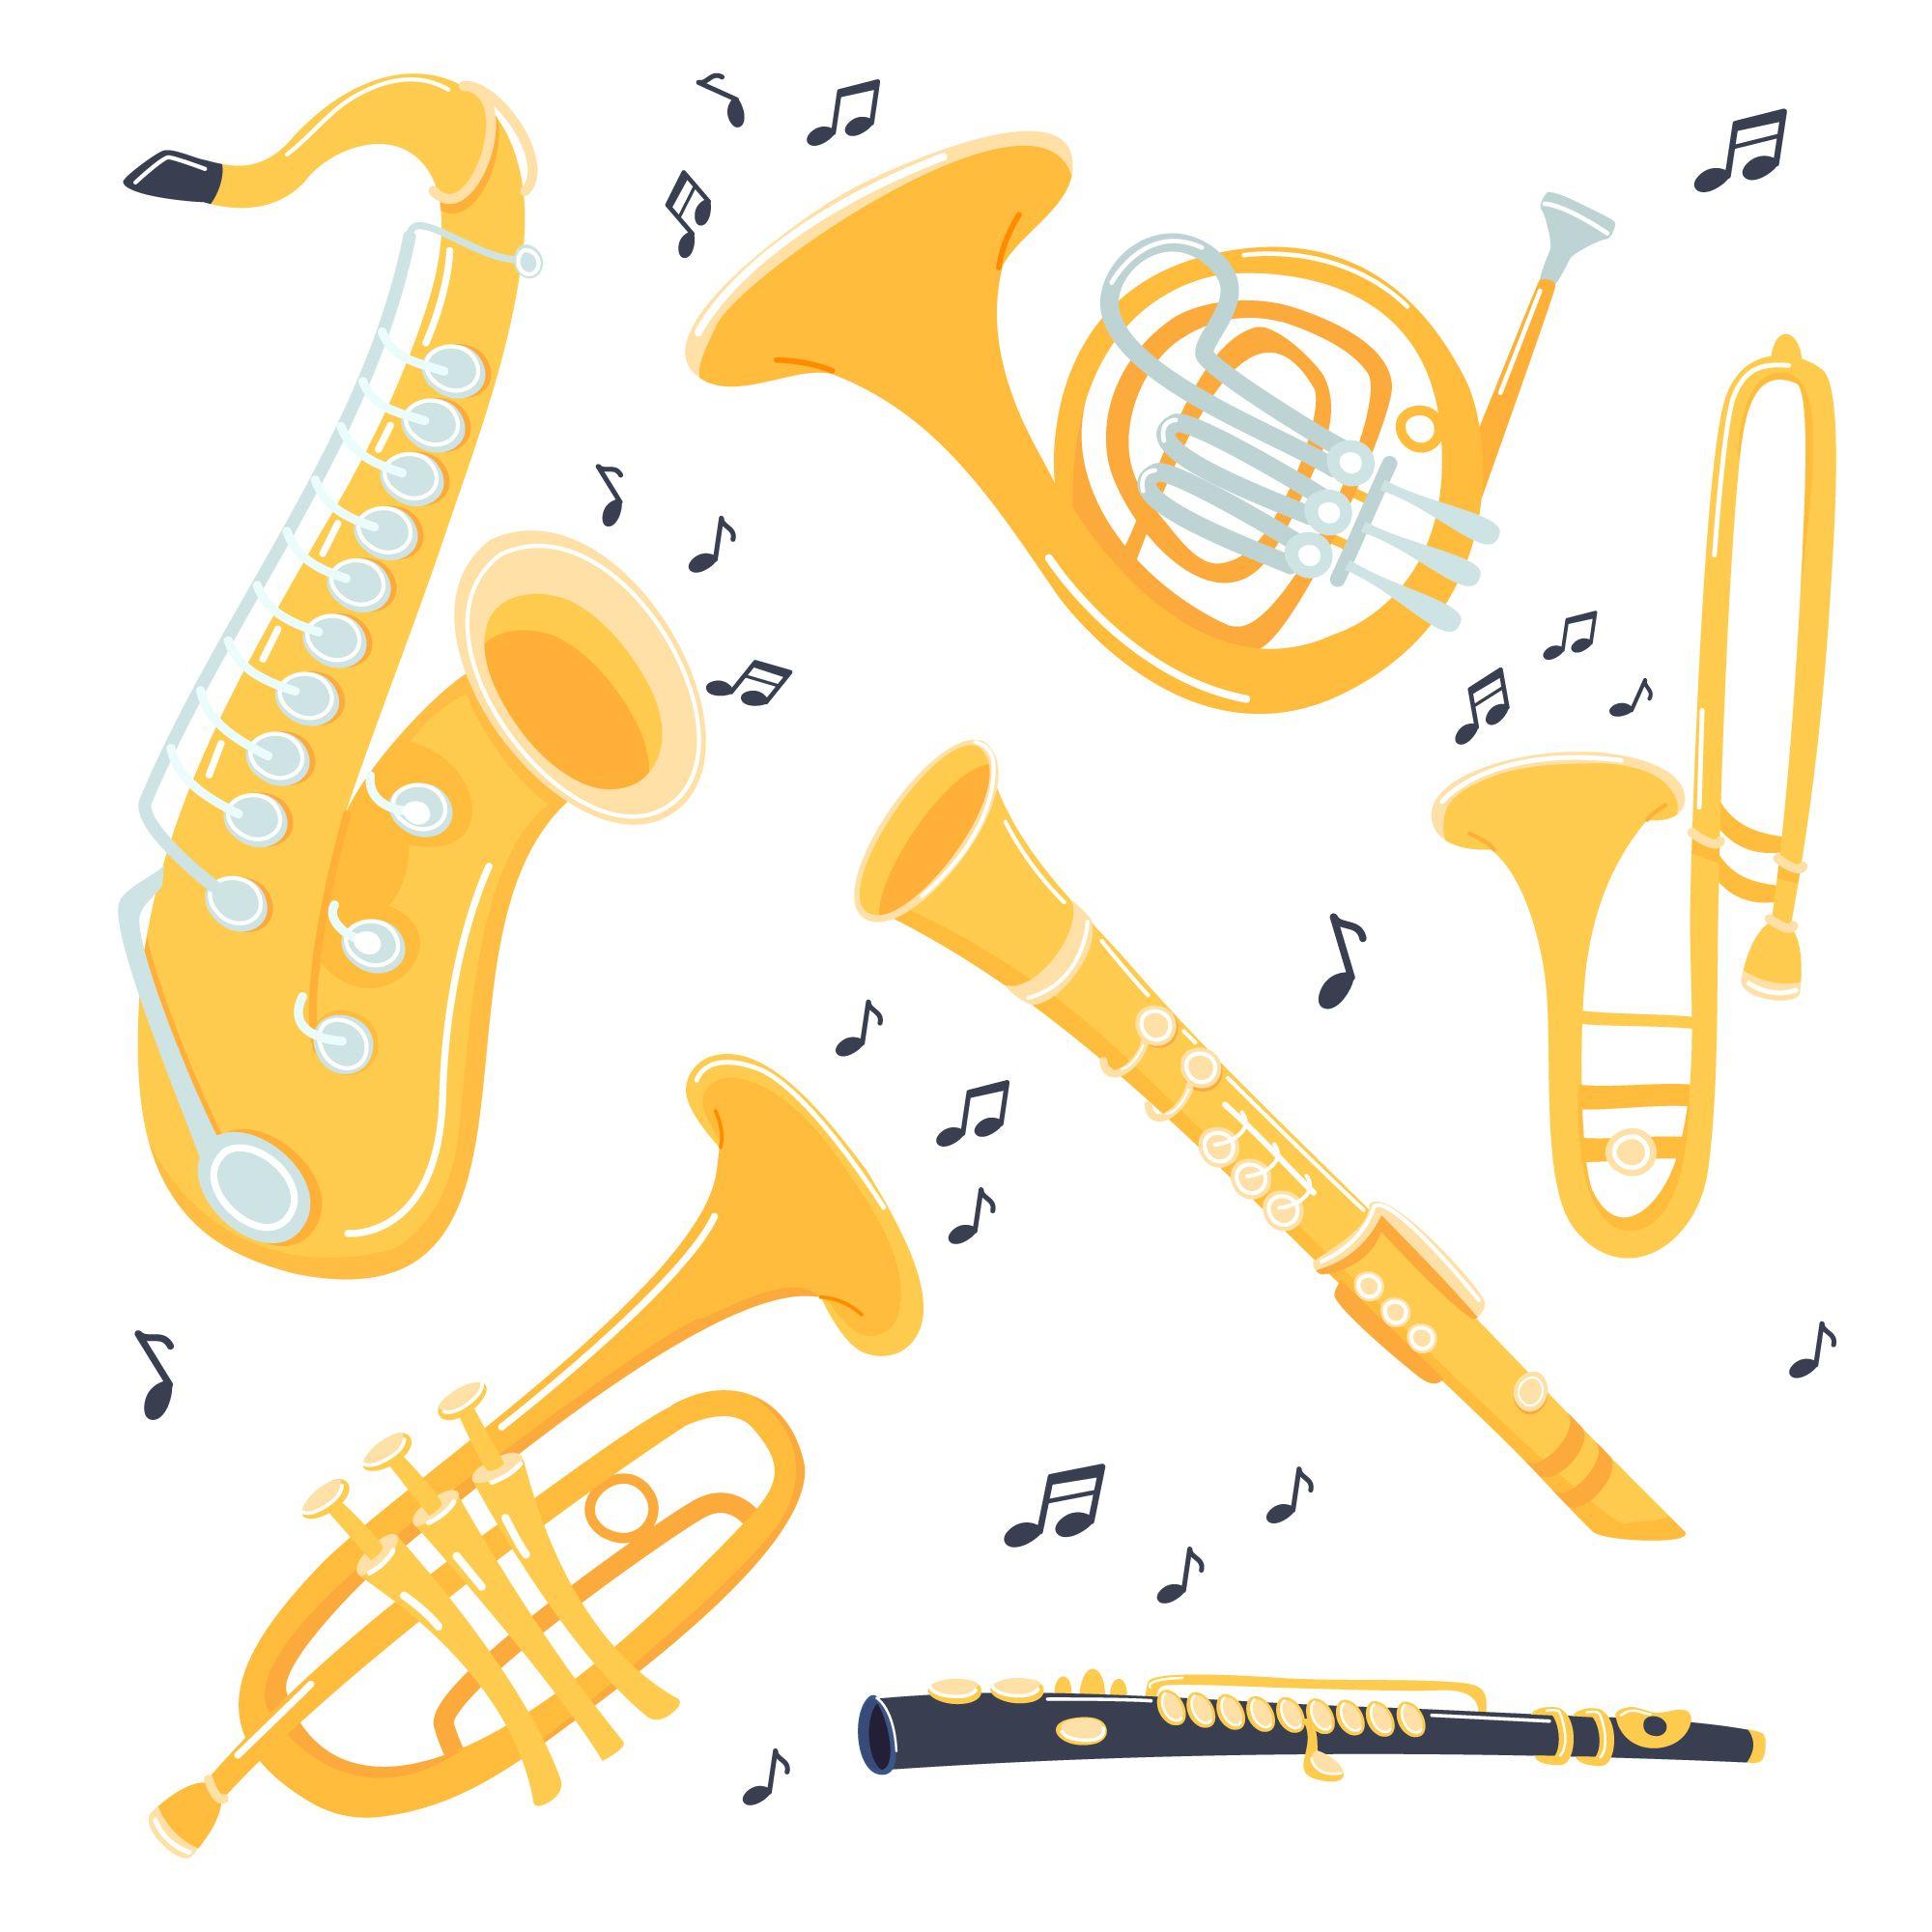 Music Clipart Brass Jazz Instruments Jazz Instruments Instruments Art Jazz Poster